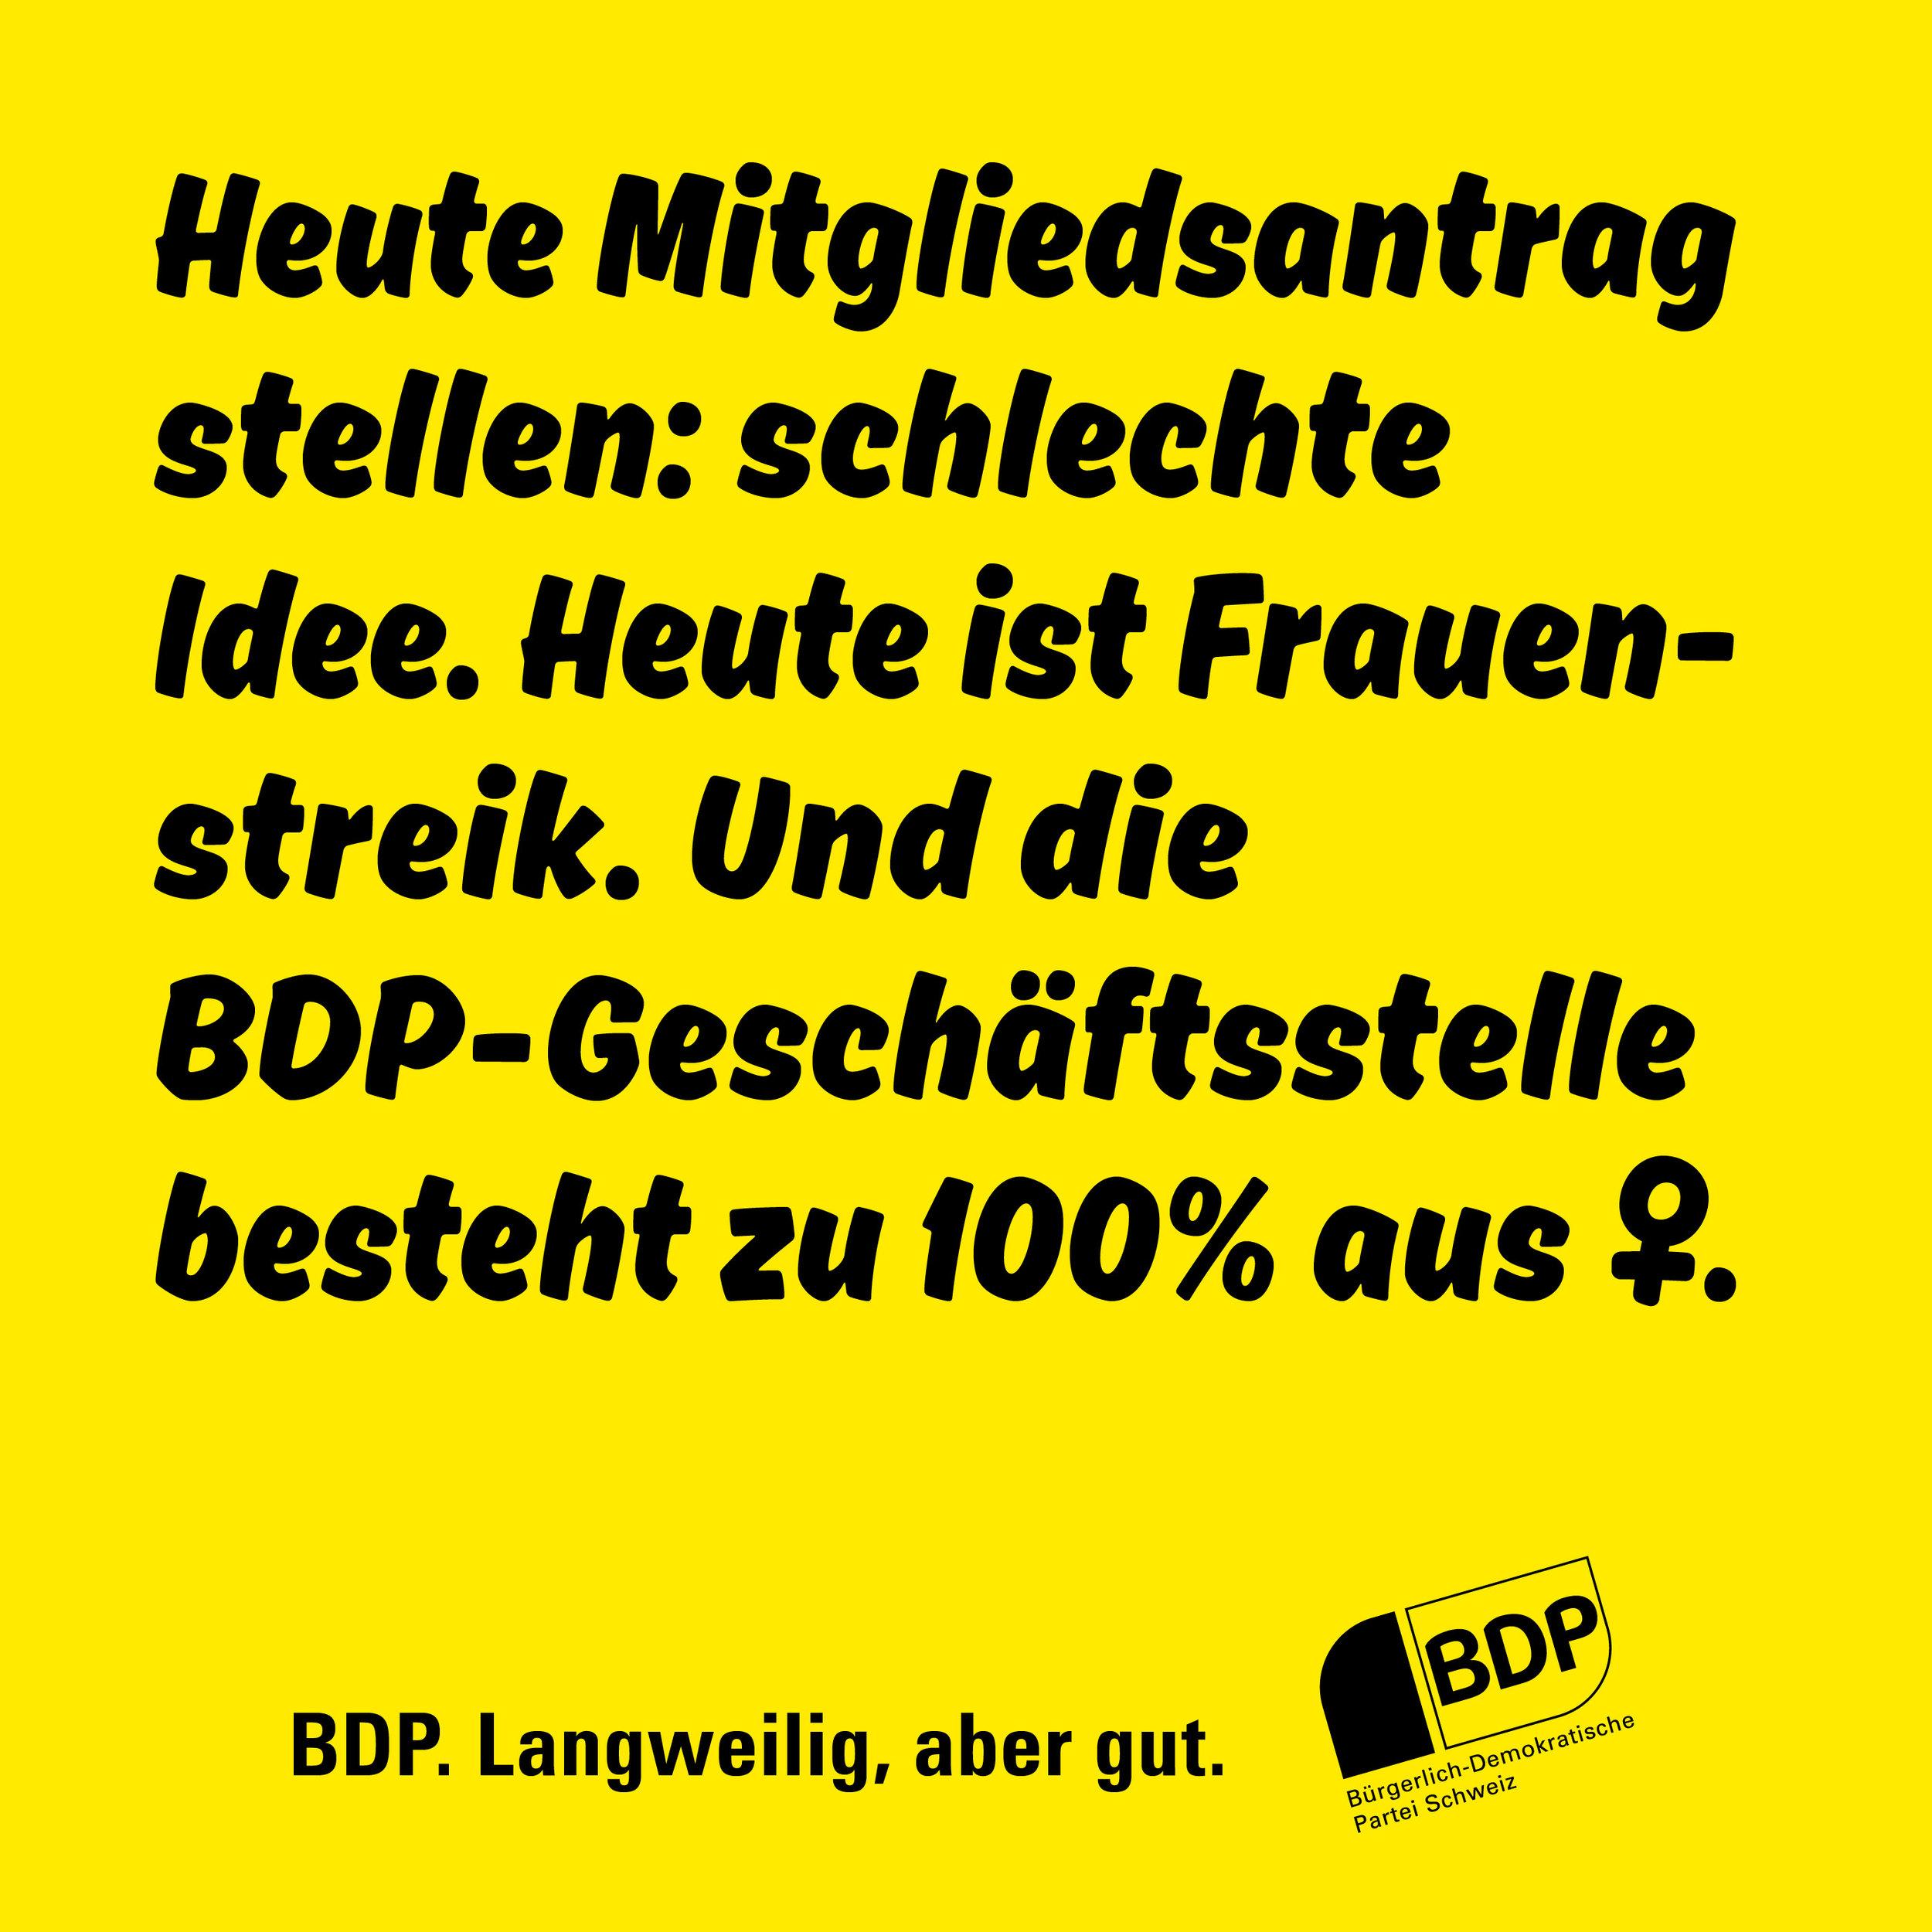 DE_Frauenstreik_SM.jpg